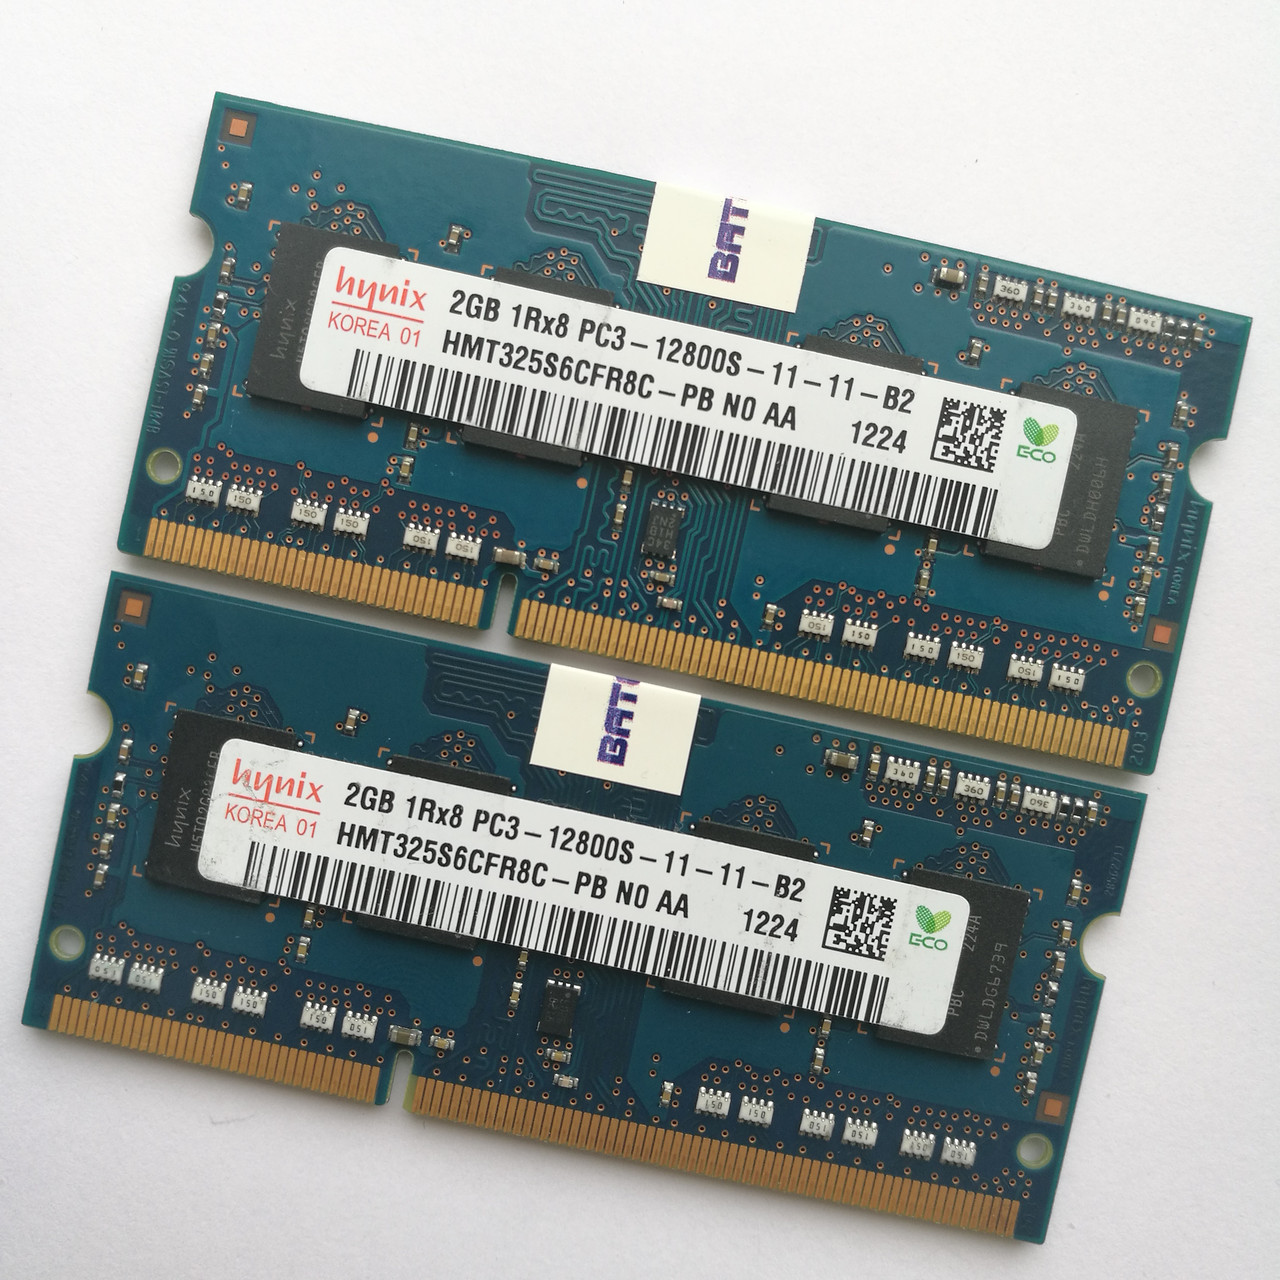 Оперативная память для ноутбука Hynix SODIMM DDR3 4Gb (2+2) 1600MHz 12800S CL11 (HMT325S6CFR8C-PB N0 AA) Б/У